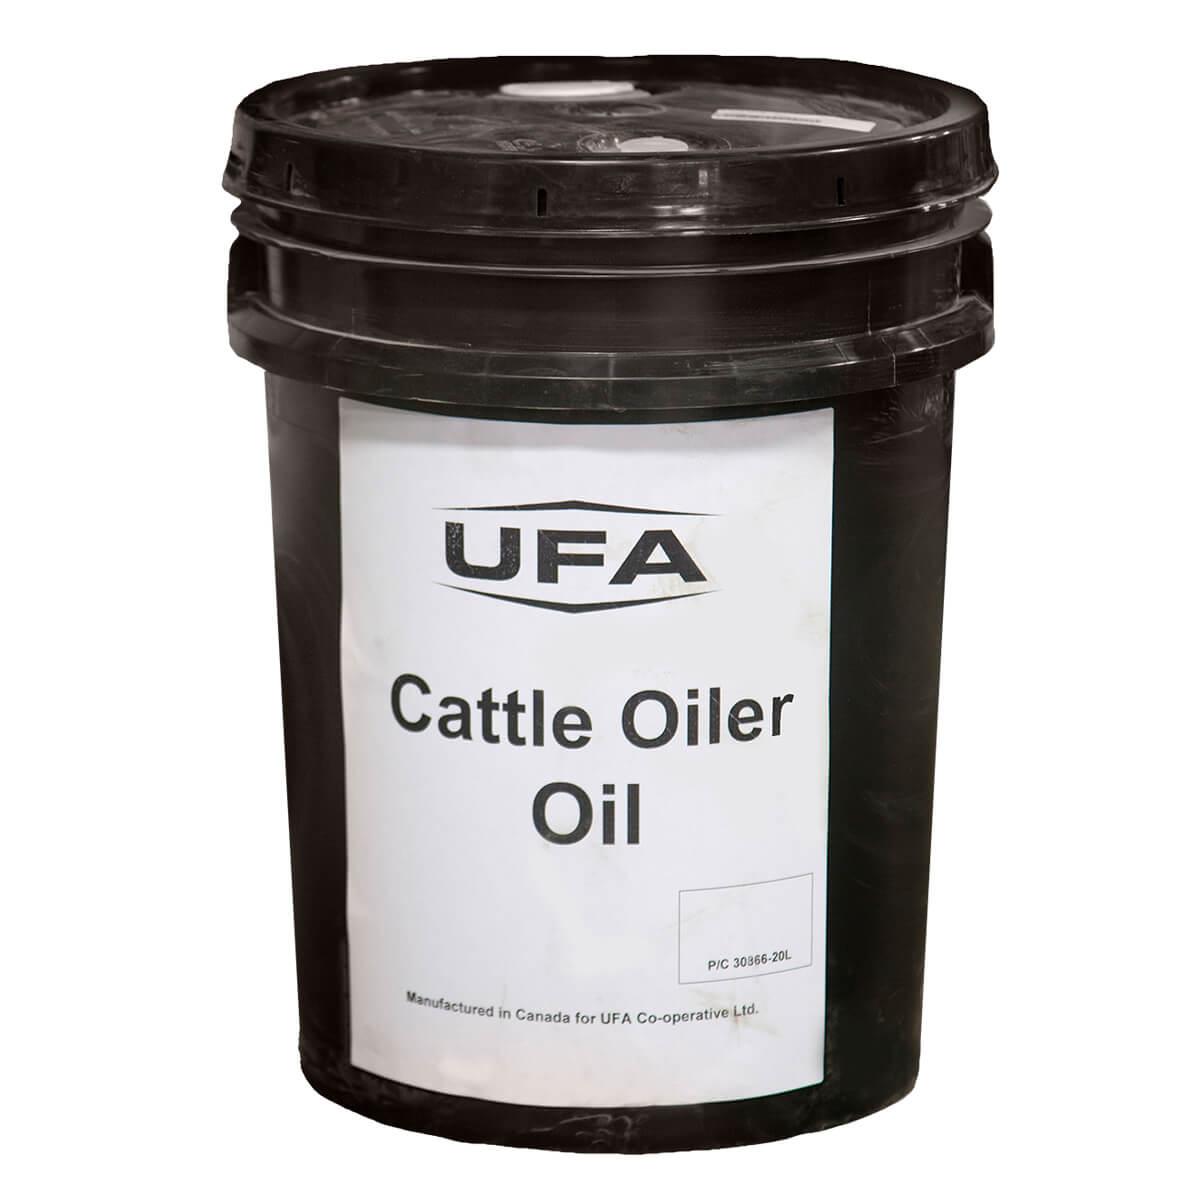 Cattle Oiler Oil - 18.9 L